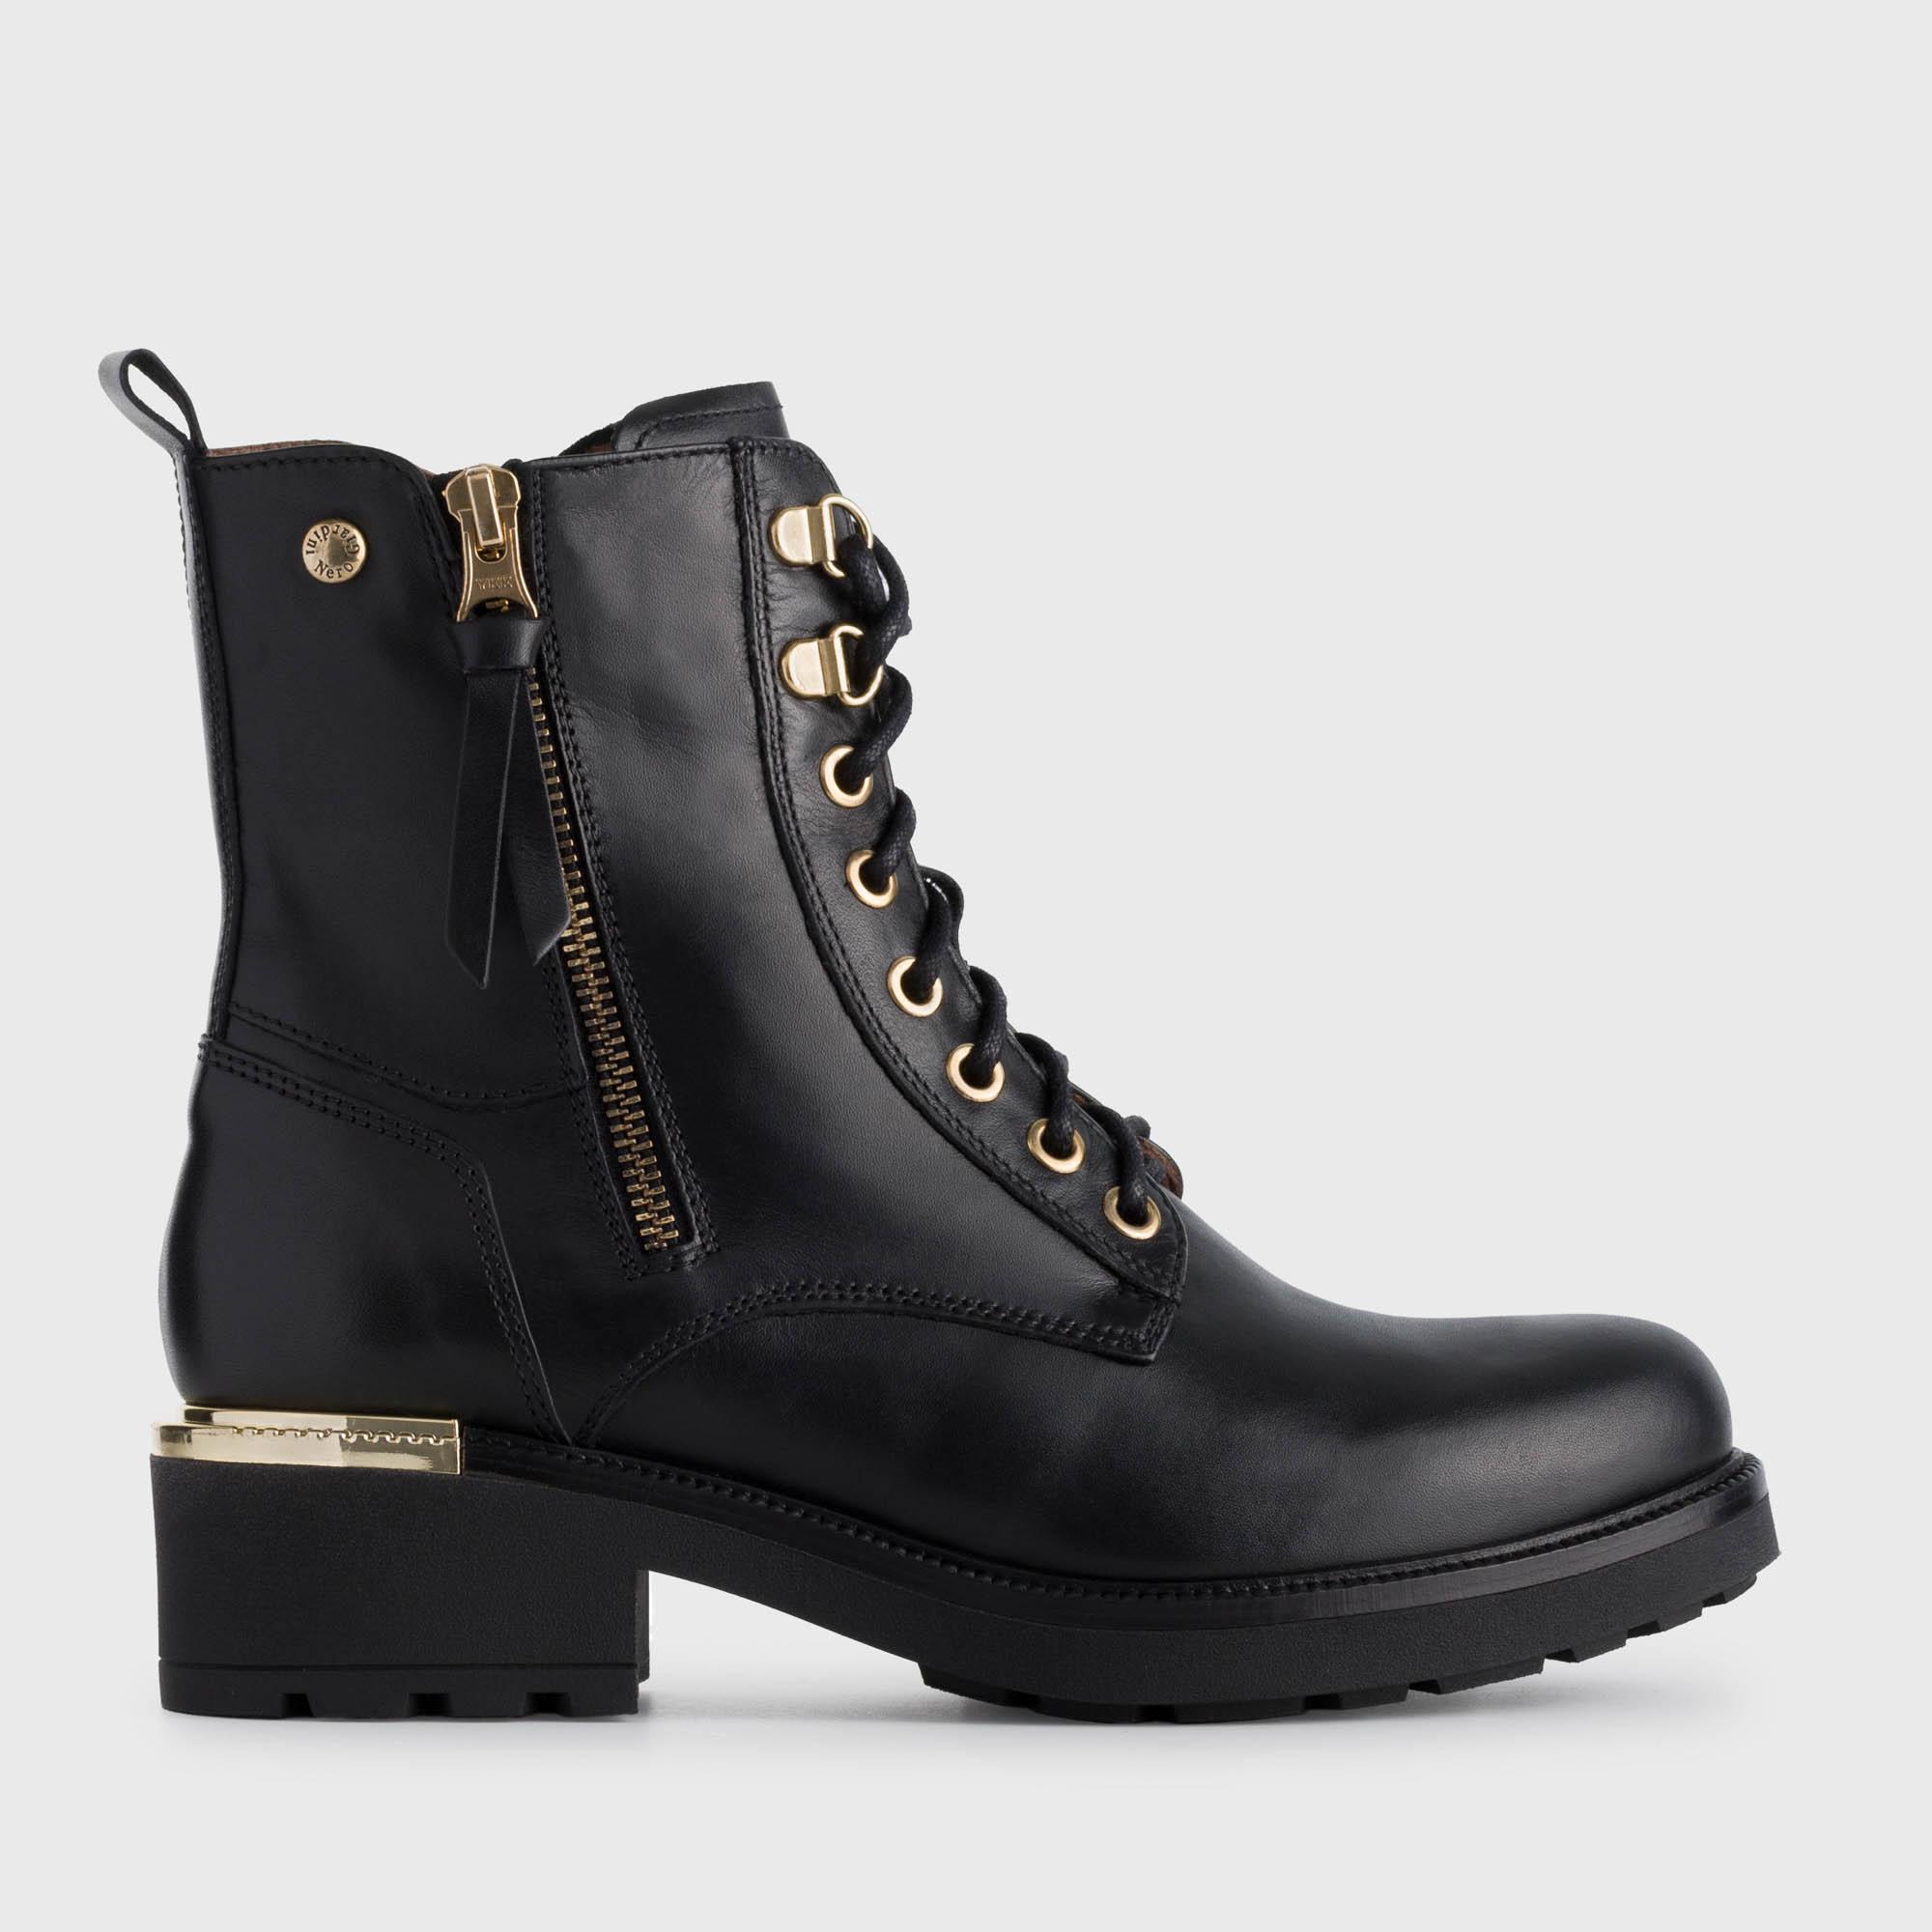 scarpe stivaletto 2019 donna